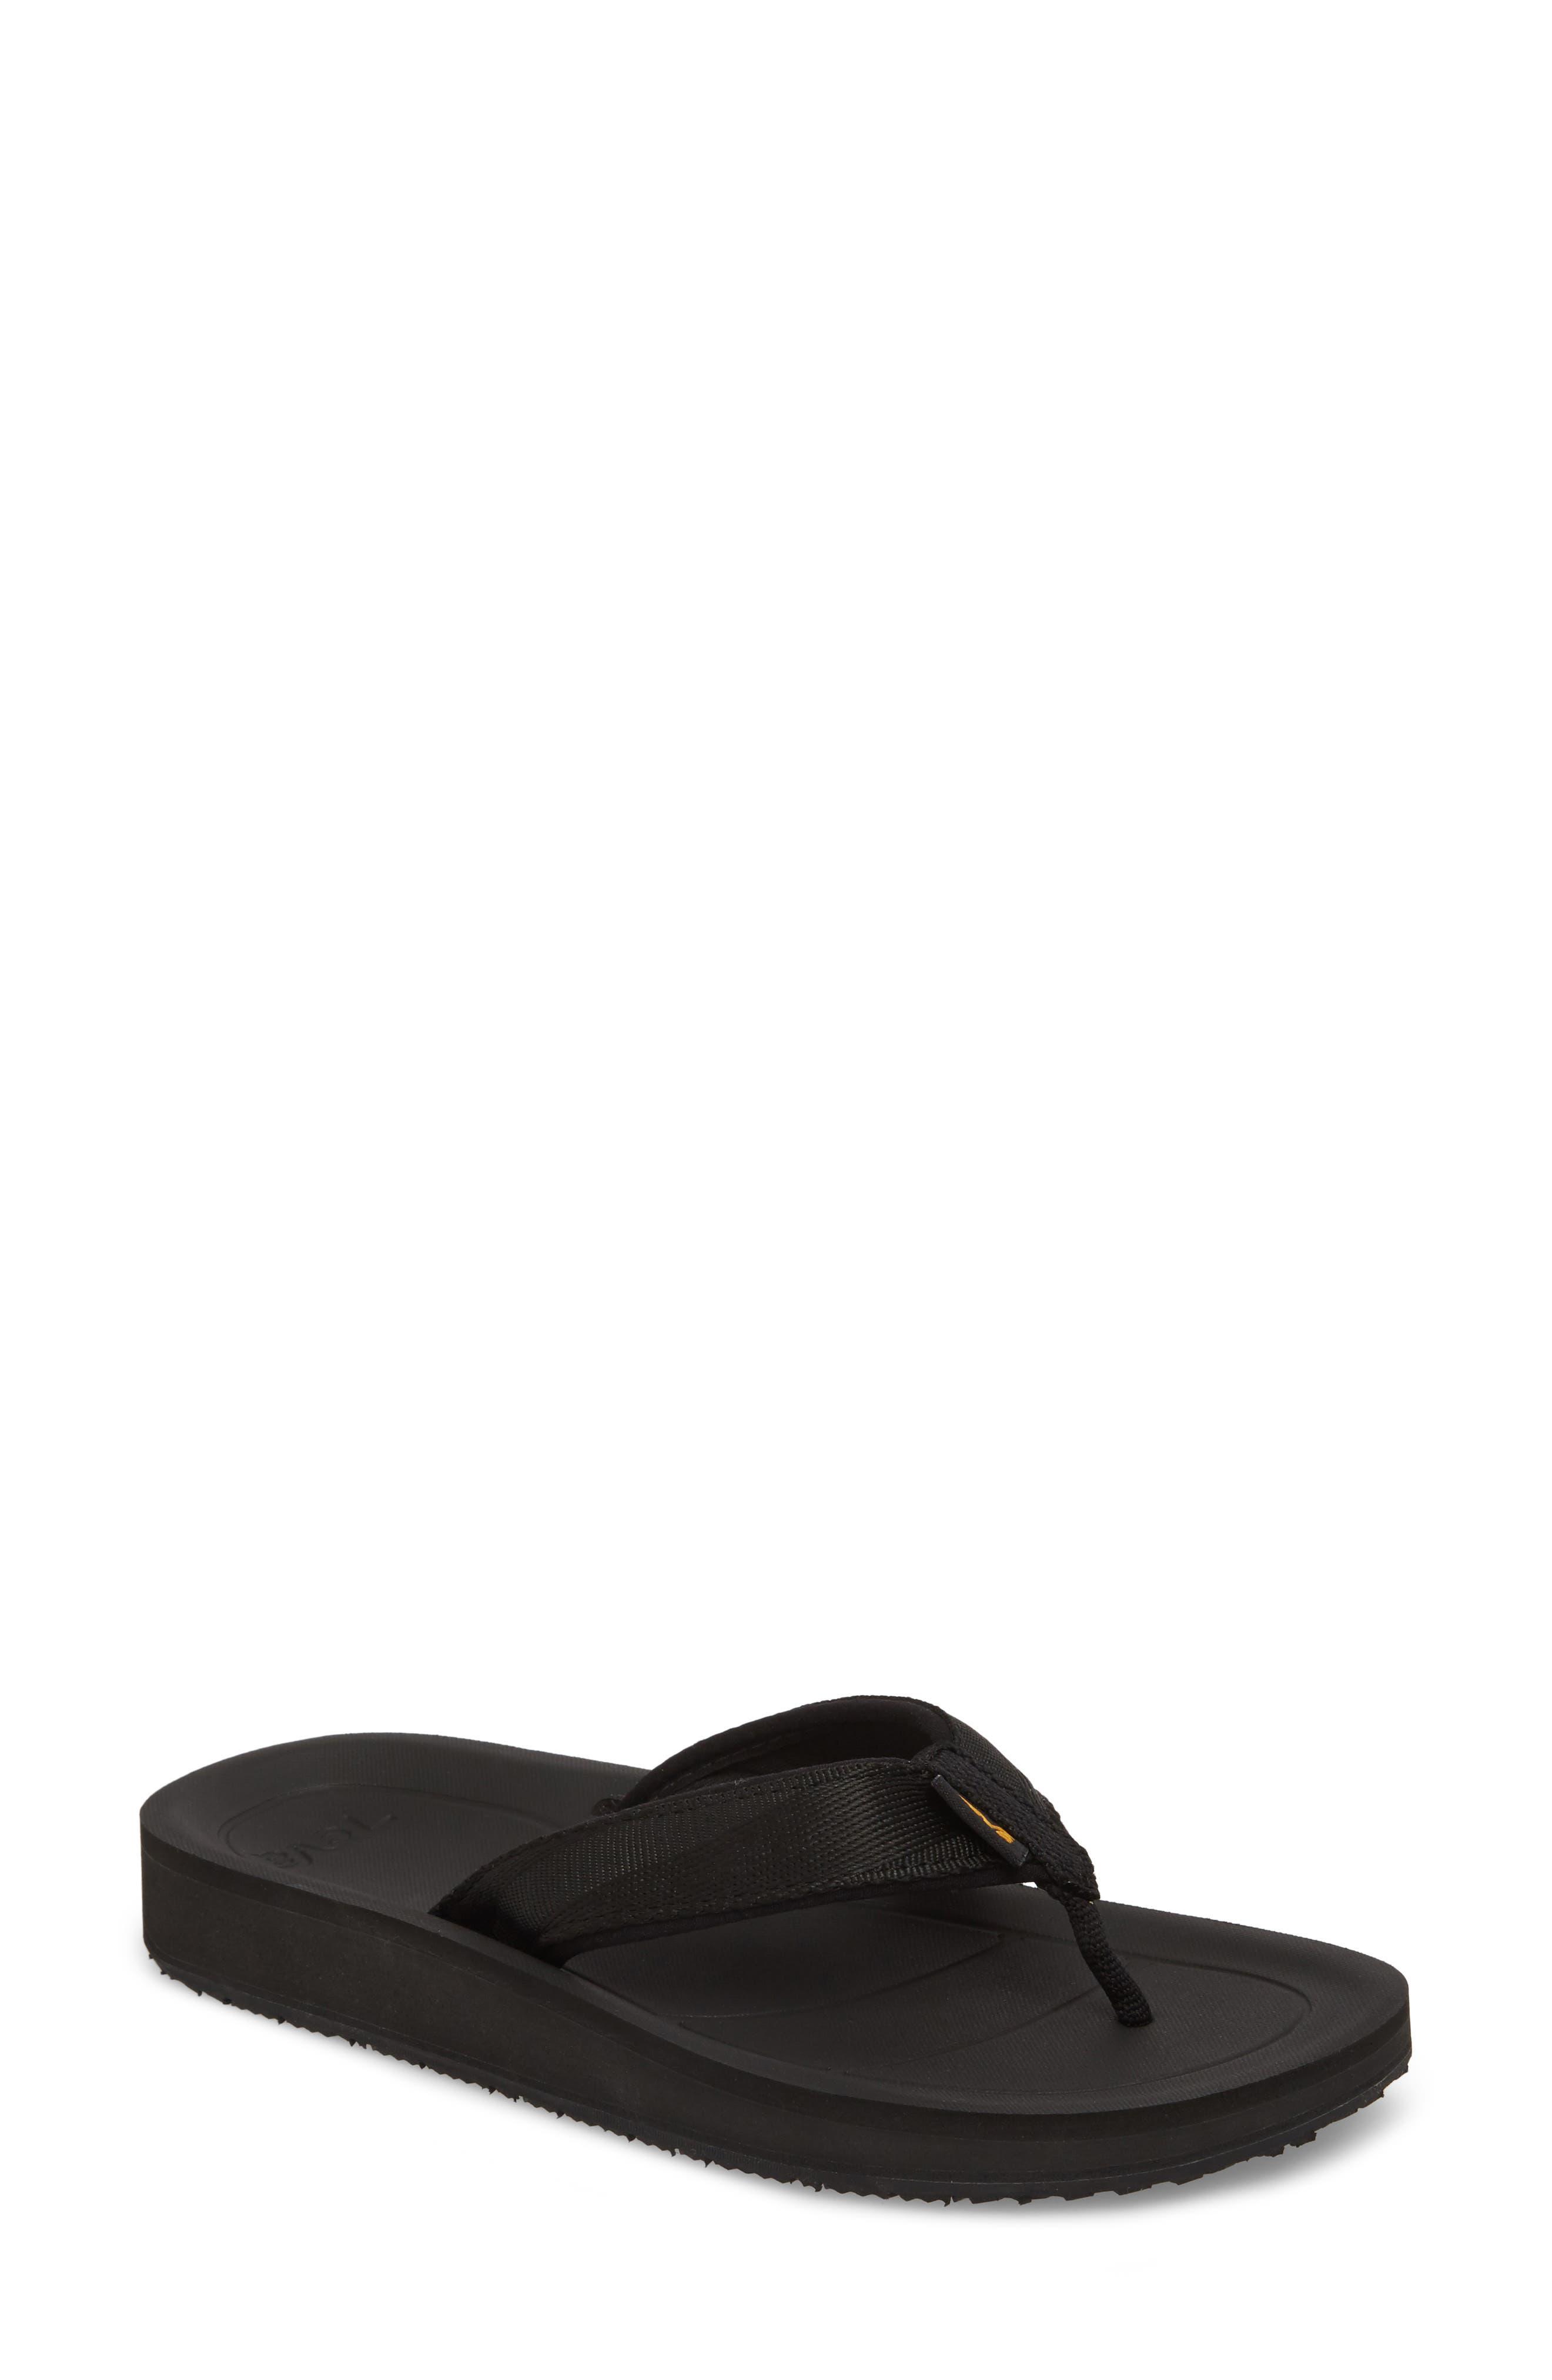 Main Image - Teva Flip Premier Sandal (Women)